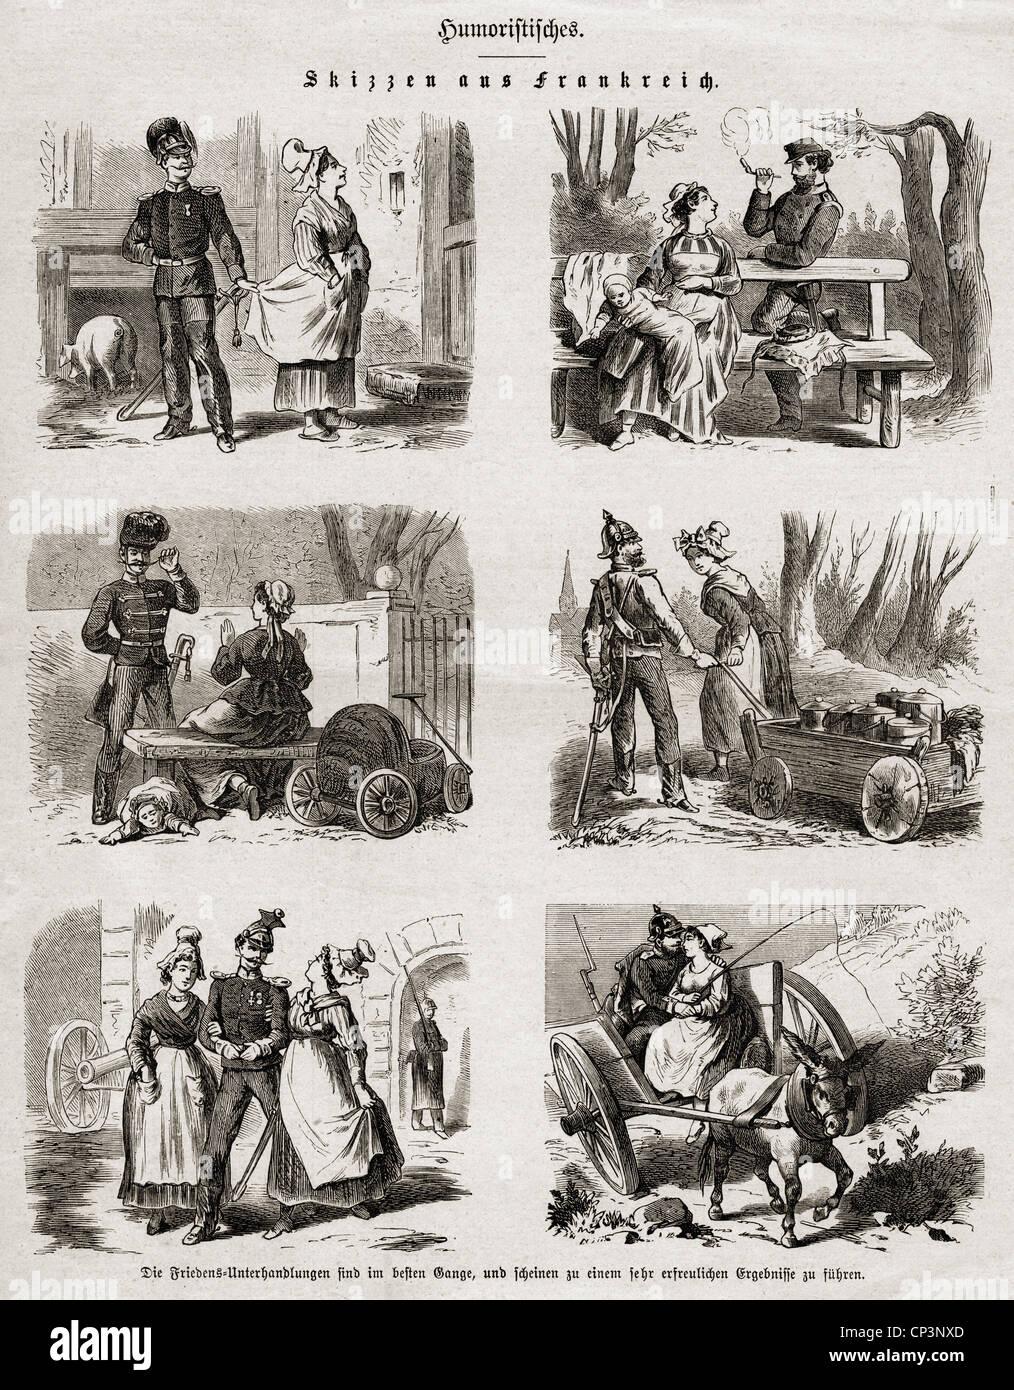 Veranstaltungen, Deutsch-Französischer Krieg 1870 - 1871, Presse, 'Scetches from France', Holzstich, 1871, Zusatzrechte-Freienzen-nicht vorhanden Stockfoto